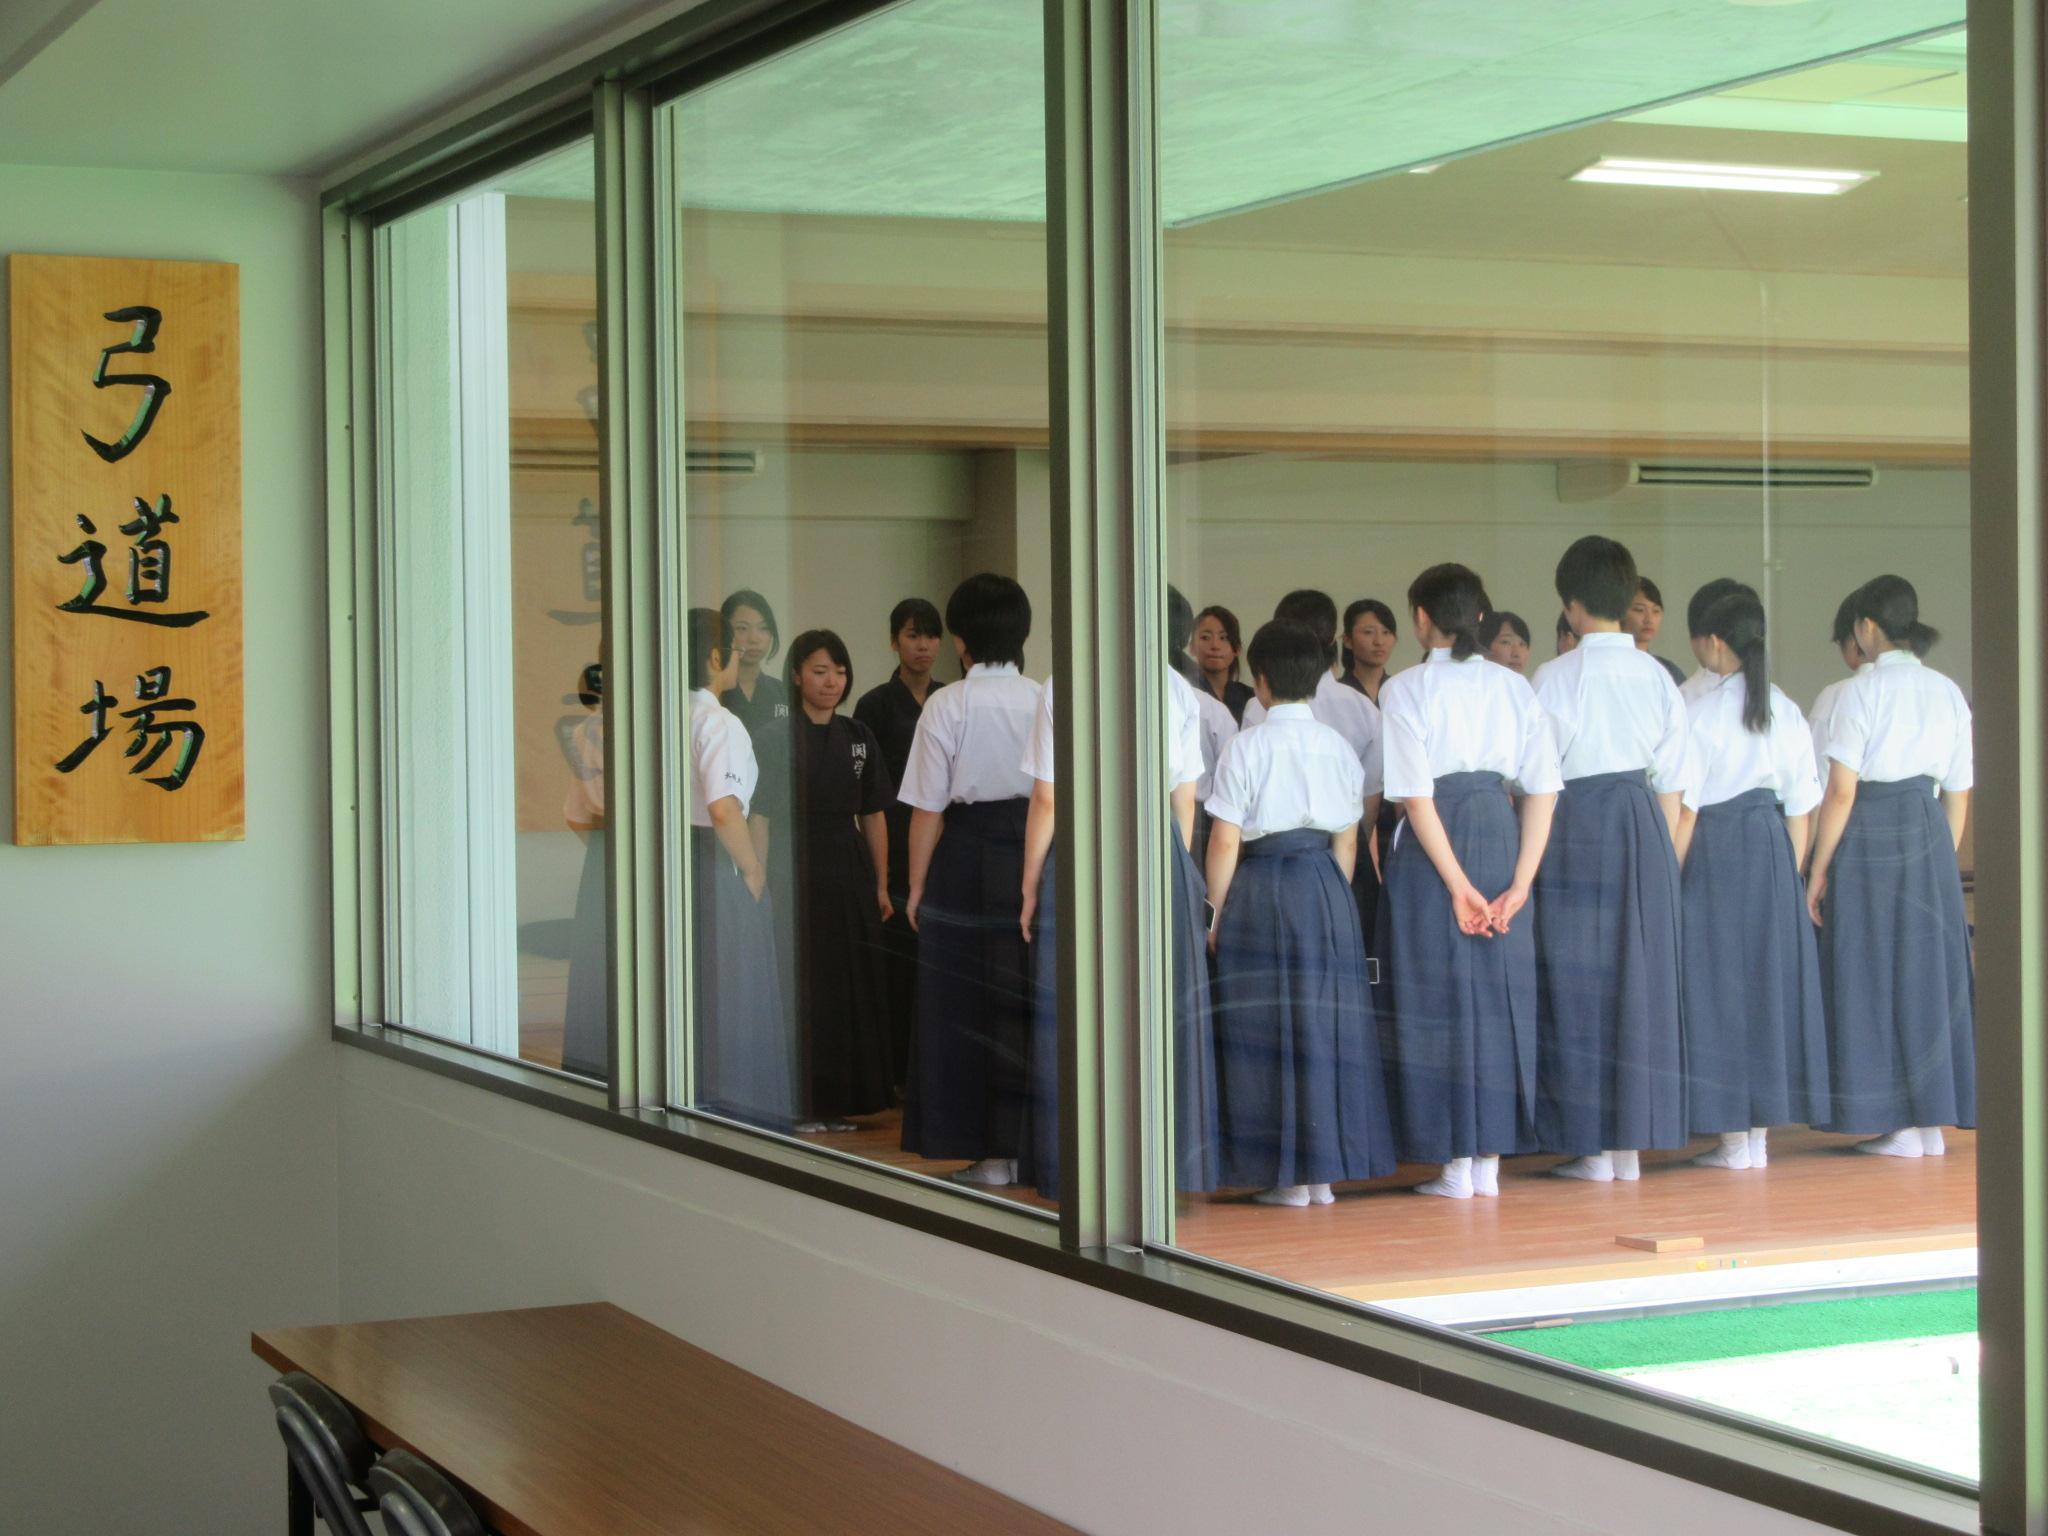 廊下から見学できるようになっています